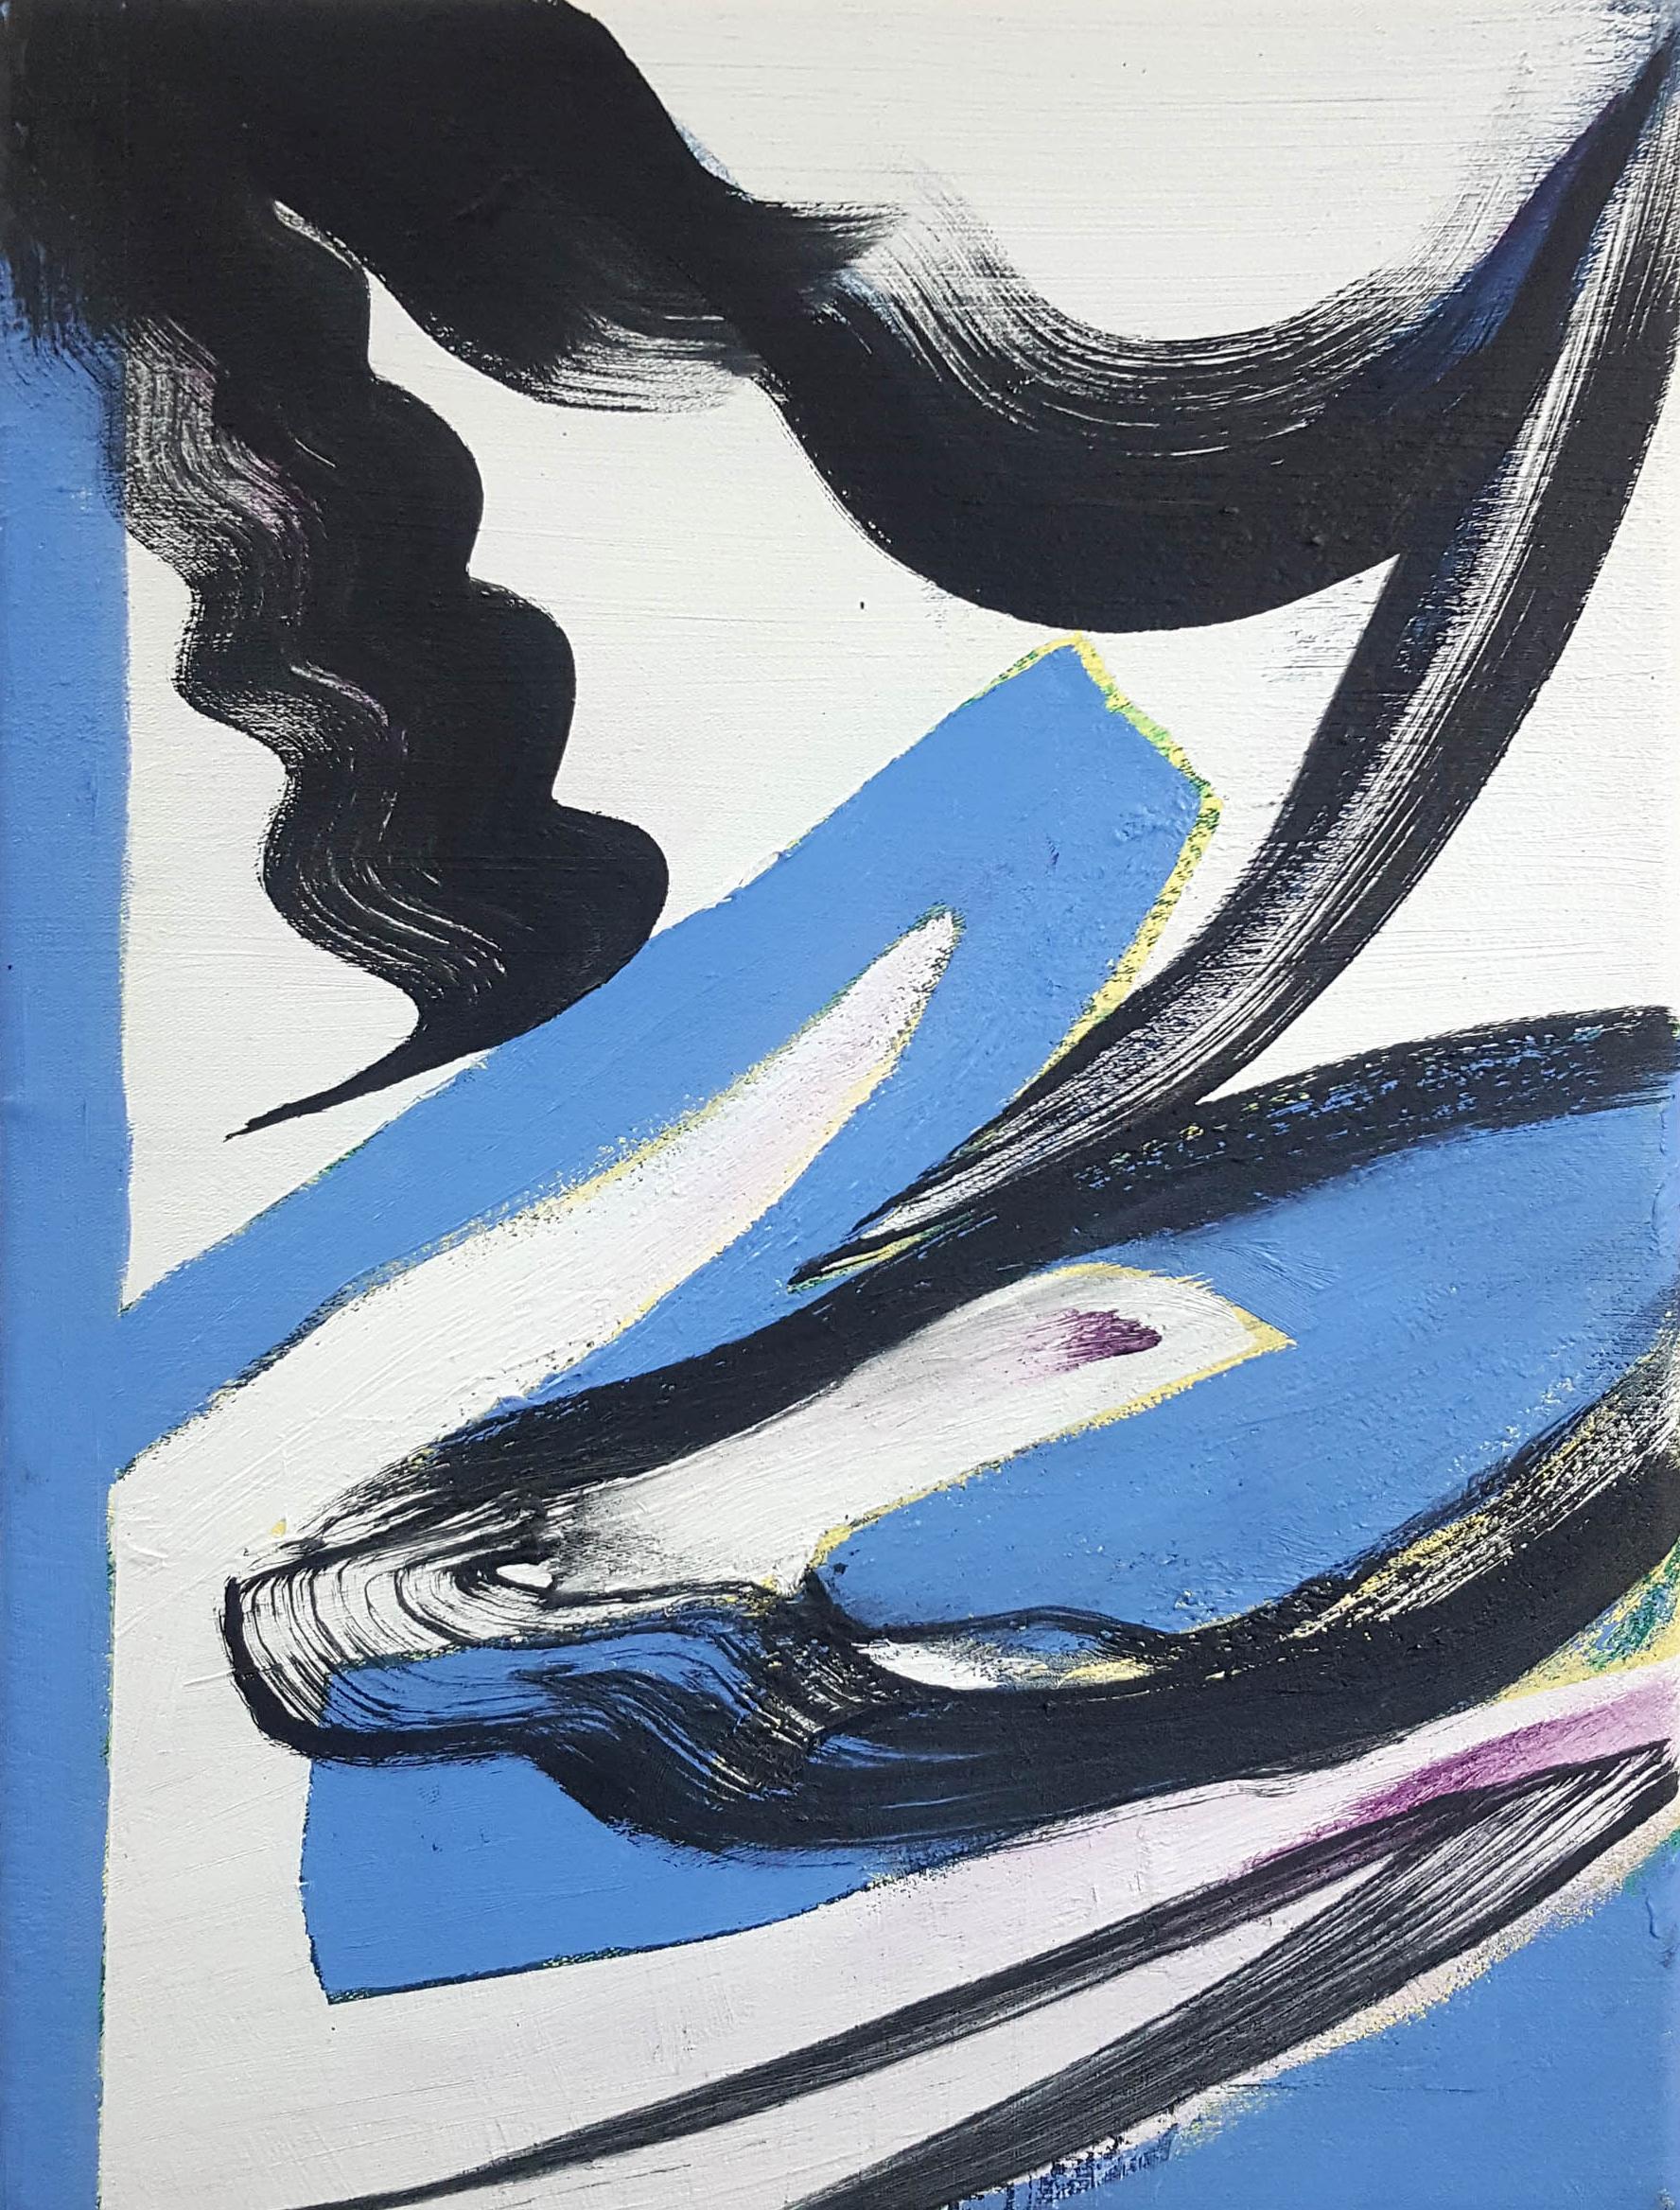 Janine van Oene / Seabird Sea Me / 2018 / 40 x 30 cm /  oil on canvas